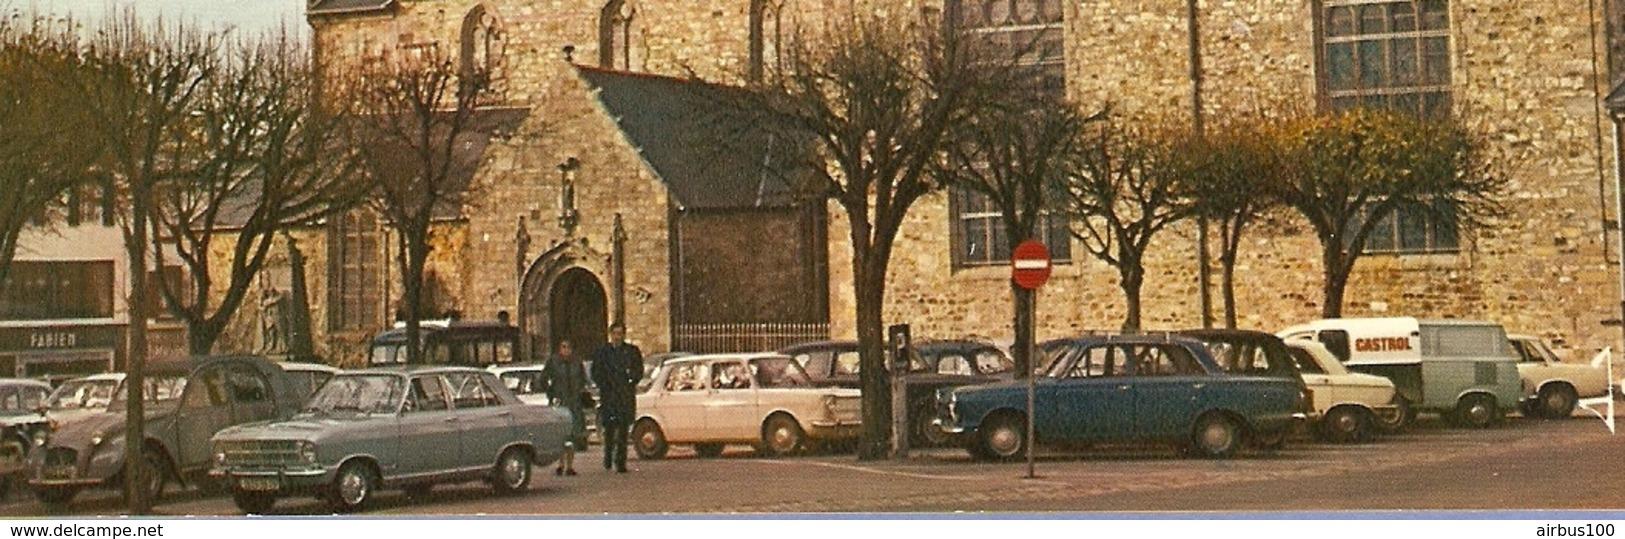 29 - CROZON - L'Église Saint Pierre - Ford - Opel - Simca 1000 - Citroën 2 CV 2 Chevaux Camionnette Castrol - 2 Scans - - Passenger Cars